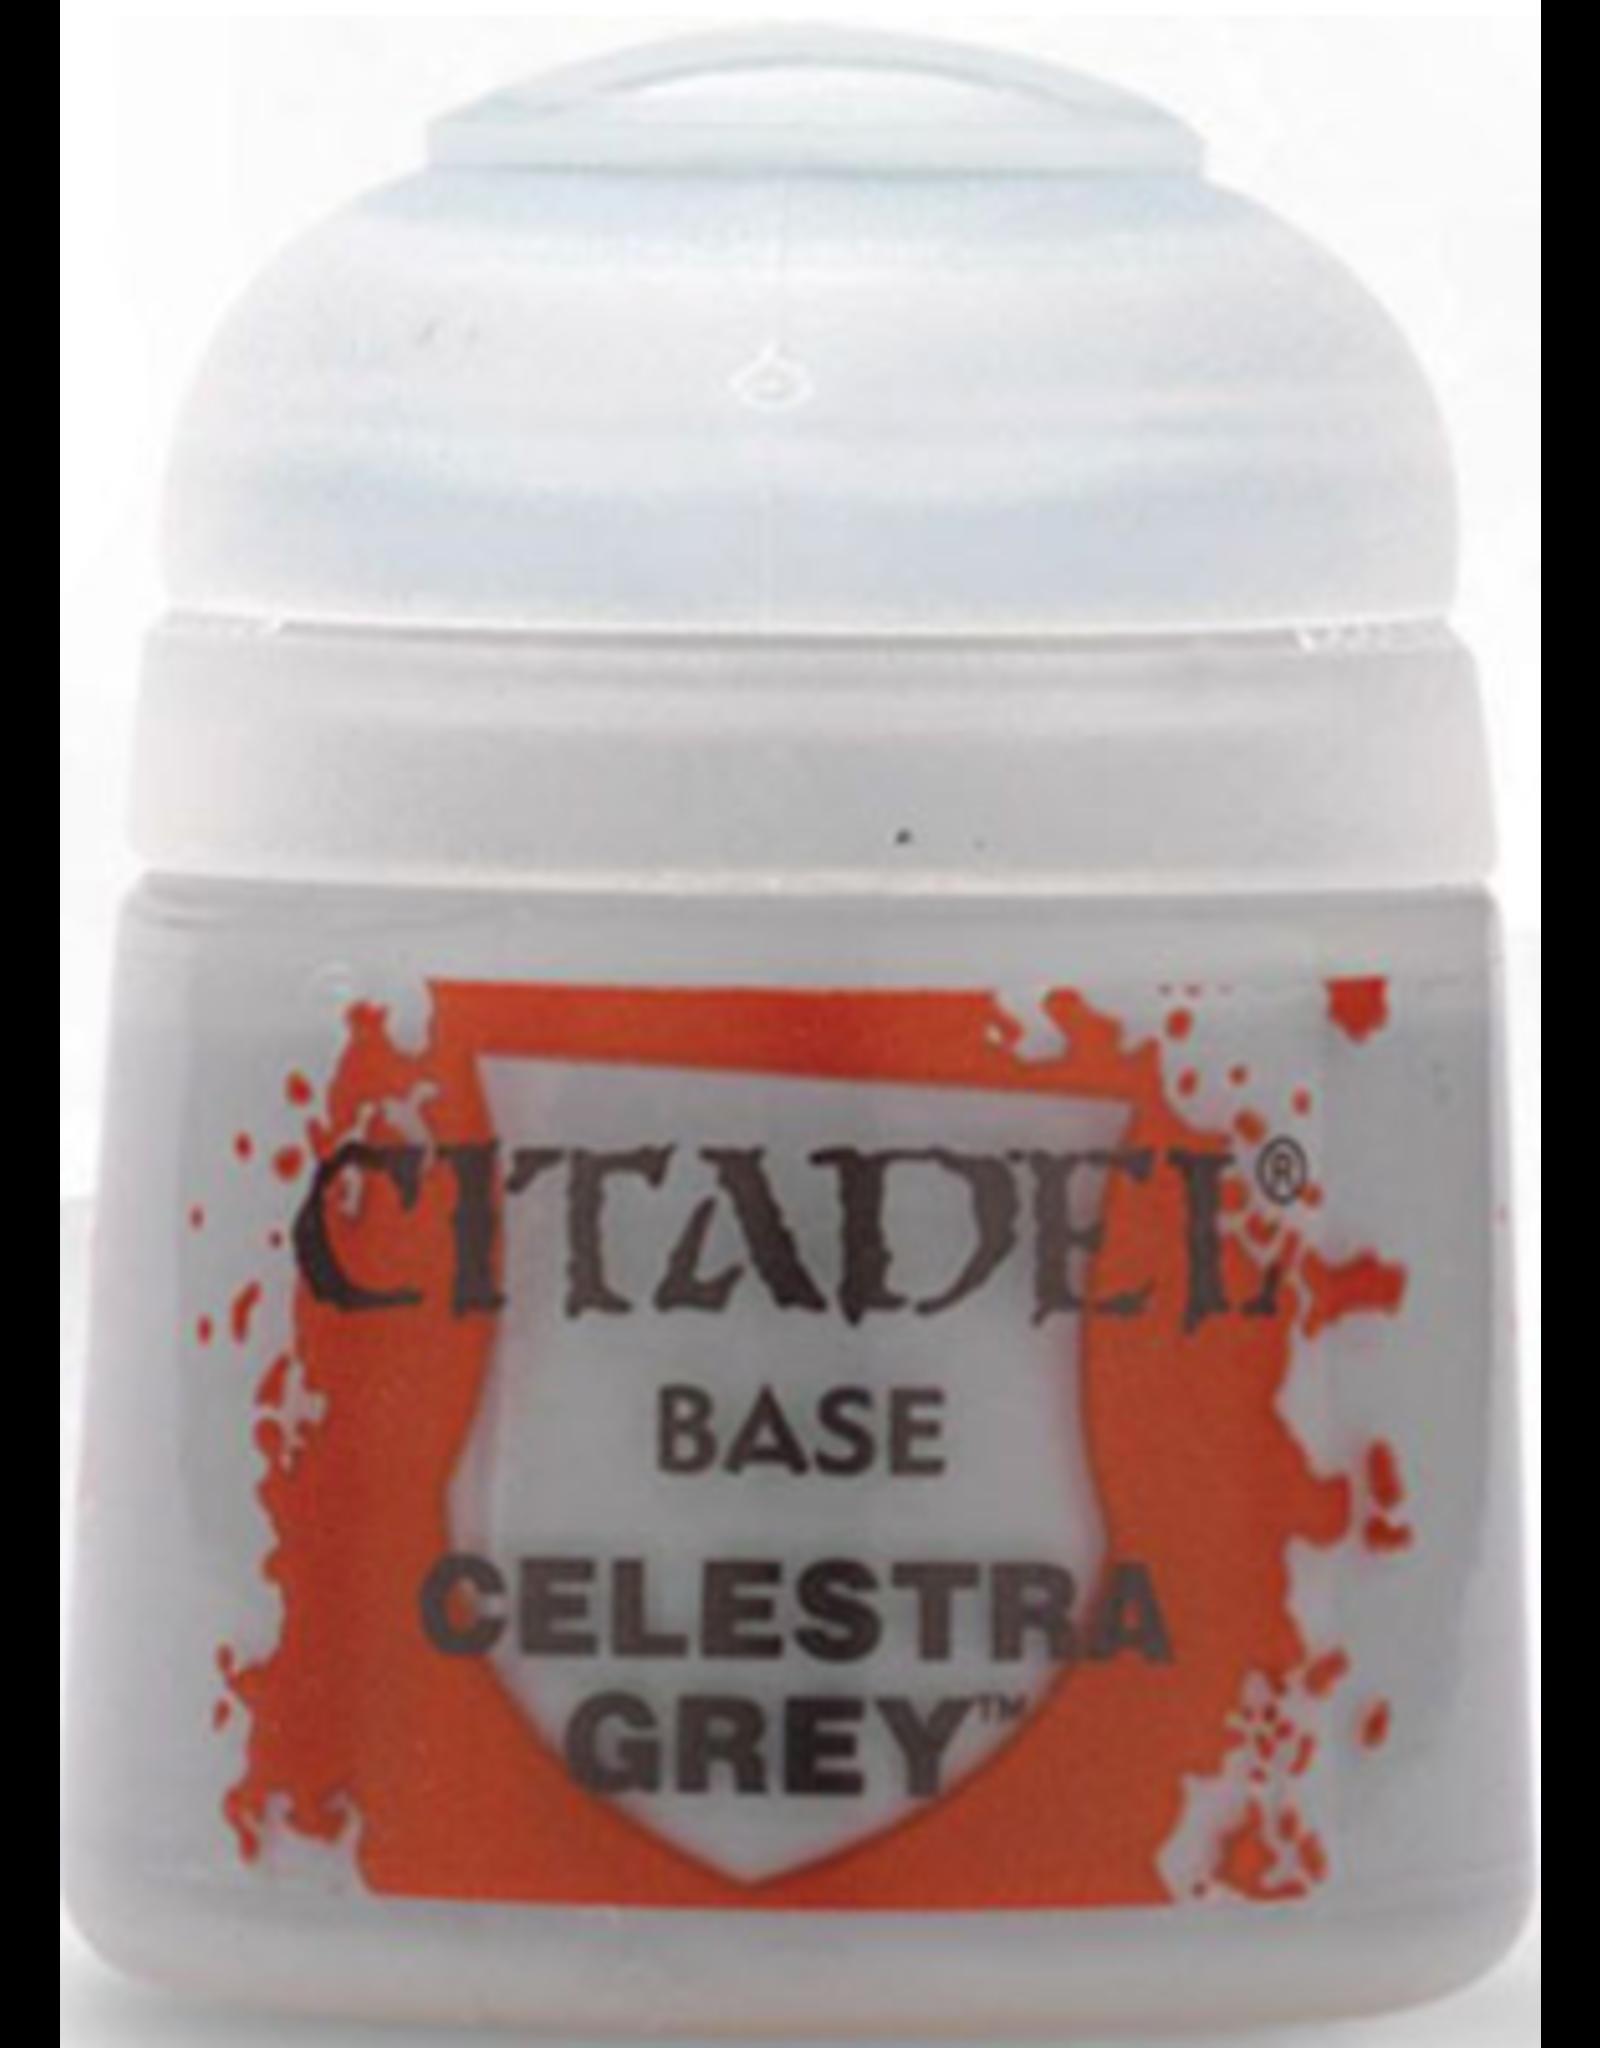 Games Workshop Citadel Base Celestra Grey